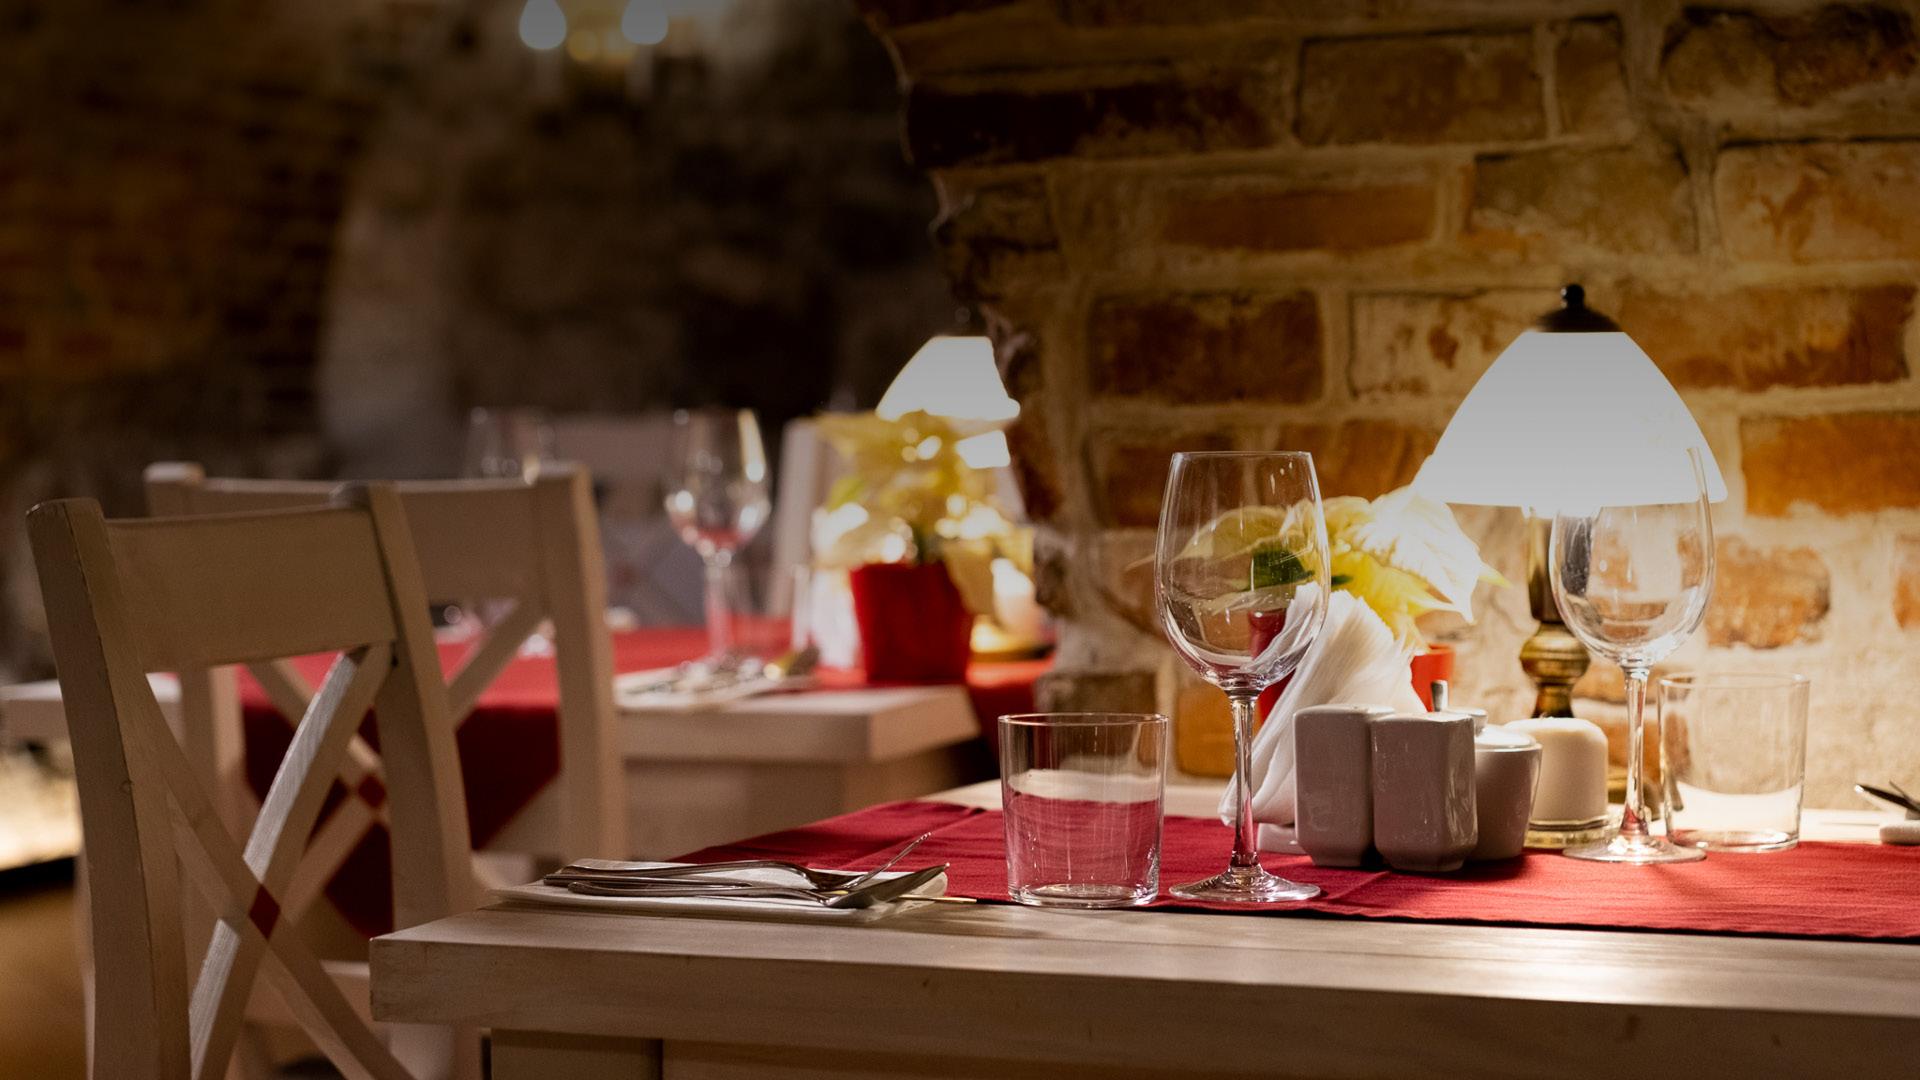 Stolik z czerwonym obrusem, kieliszkiem do wina, szklanką i sztućcami. Piwniczne wnętrze restauracji Dworek.